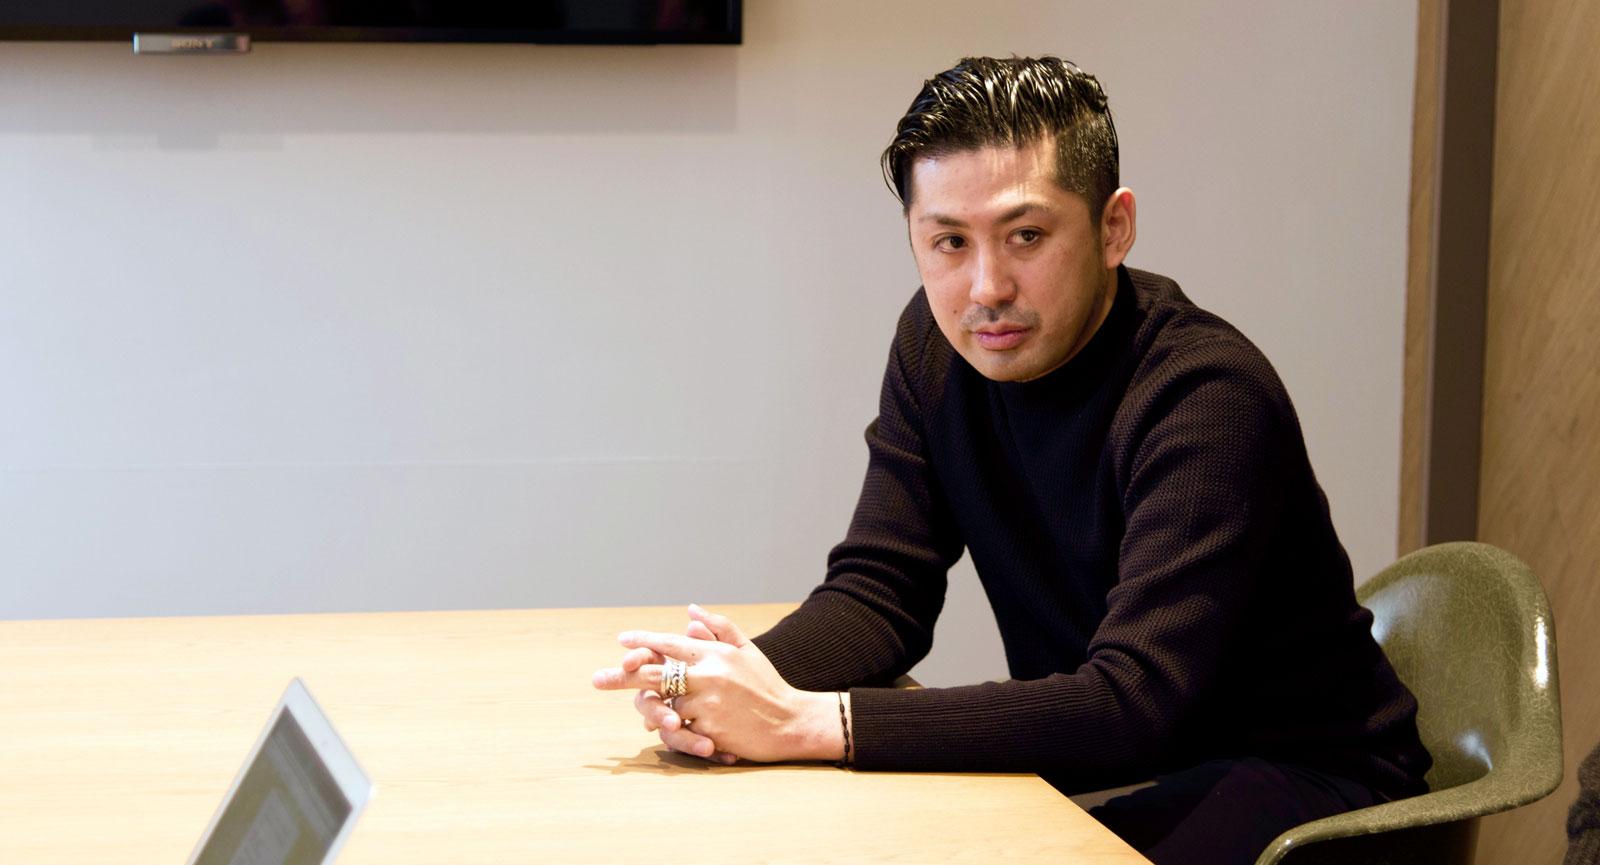 クリエイティブディレクター 大石橋 智さん